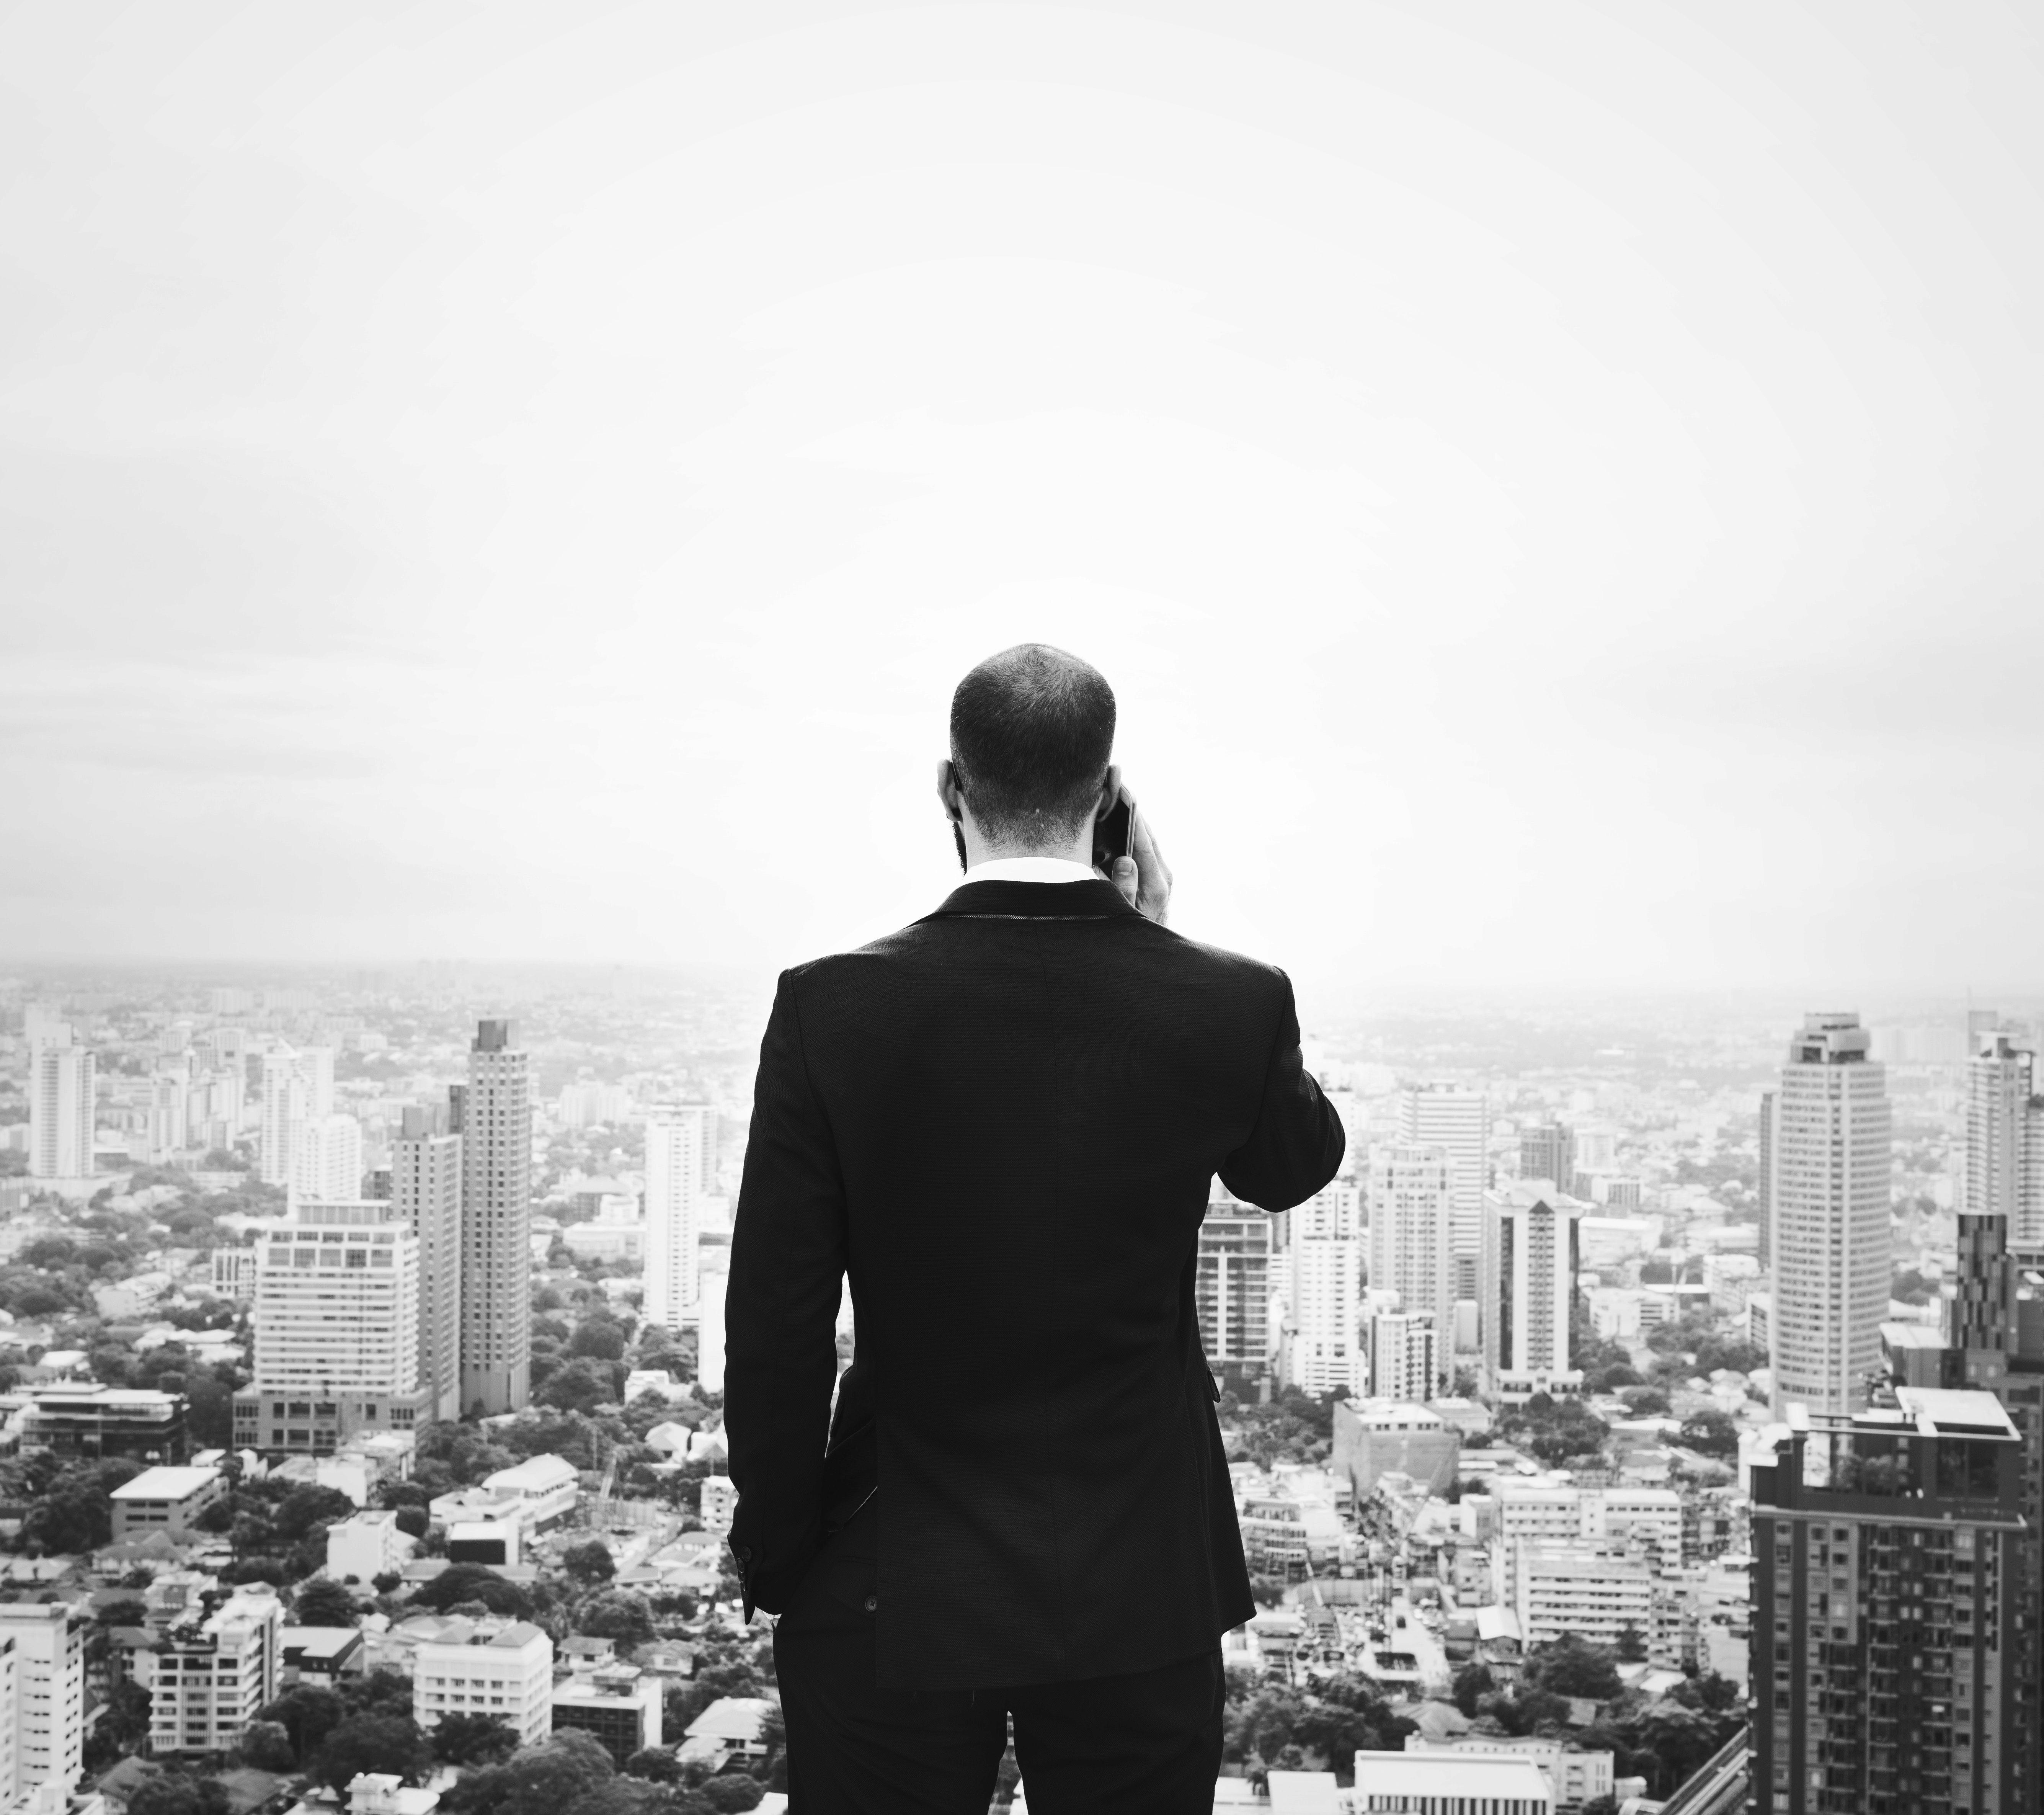 La política, la naturaleza humana y el desafío para una vida ética